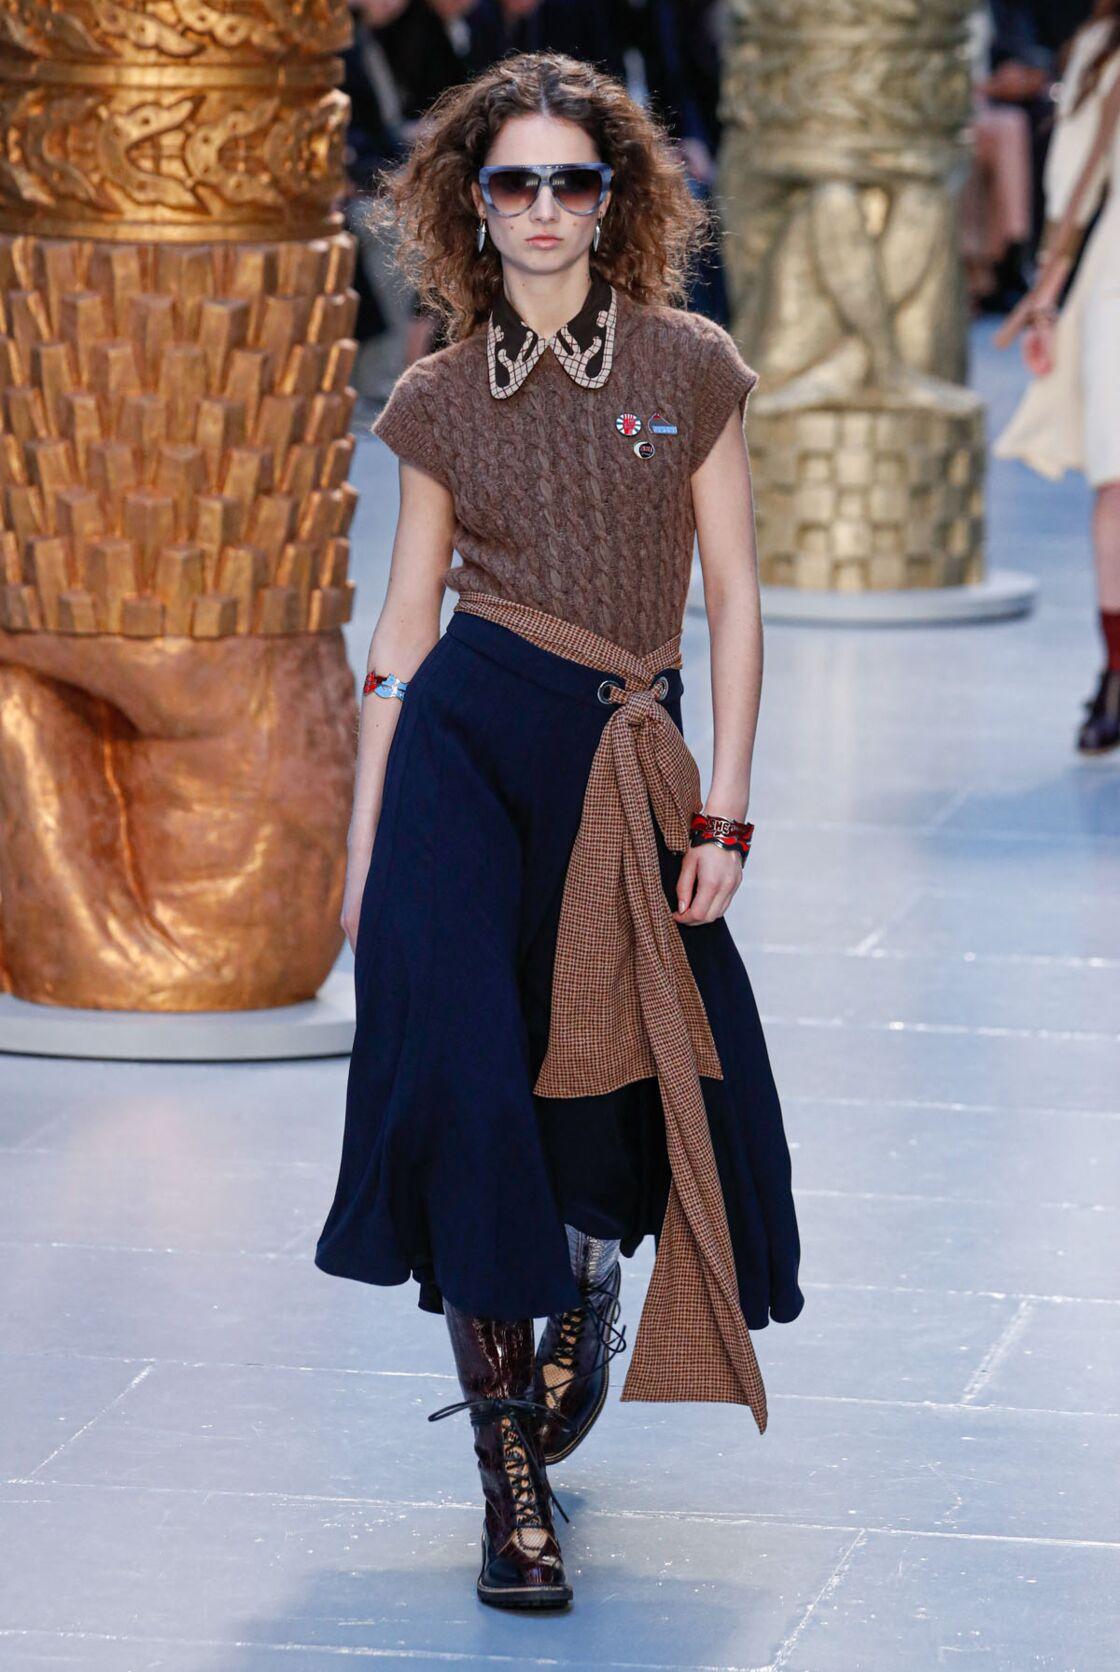 La ceinture foulard se porte à carreaux et ceinture une jupe longue cette saison Automne-hiver 2020/2021 chez Chloé